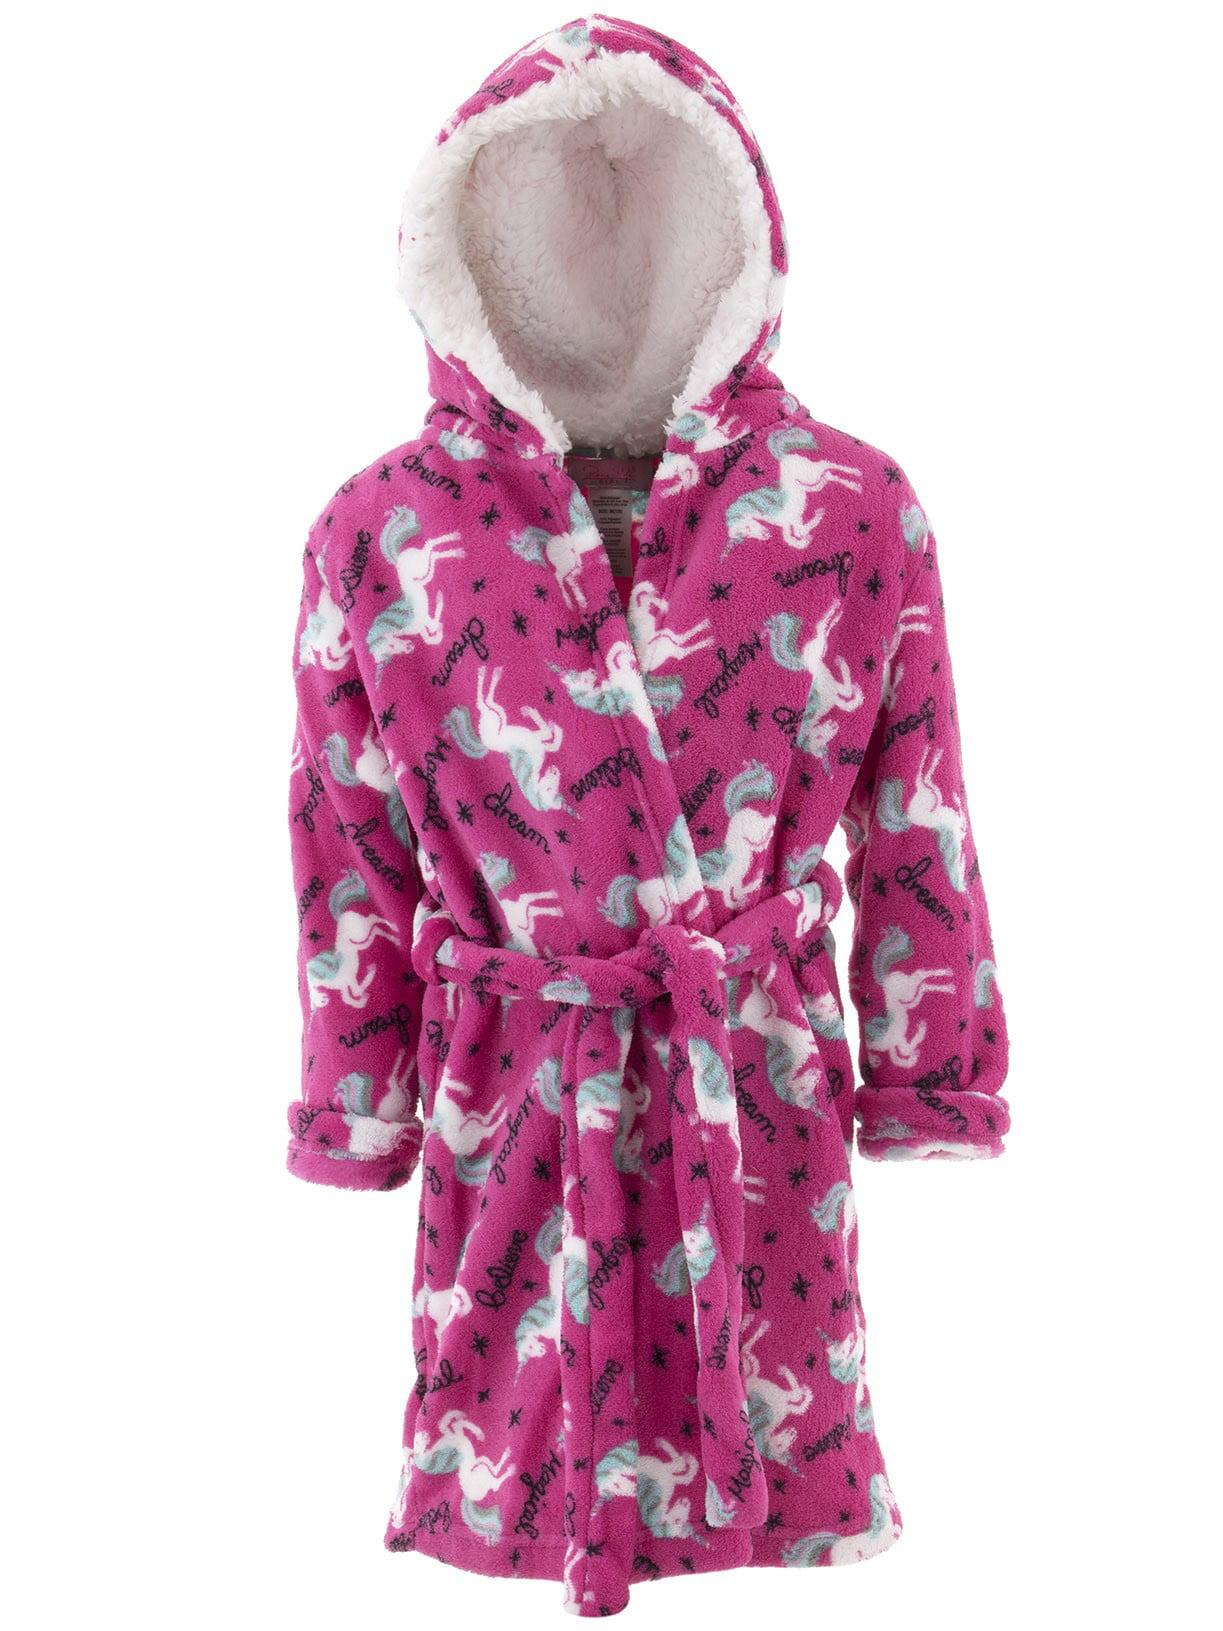 Rene Rofe Girls Unicorn Pink Fleece Hooded Bathrobe